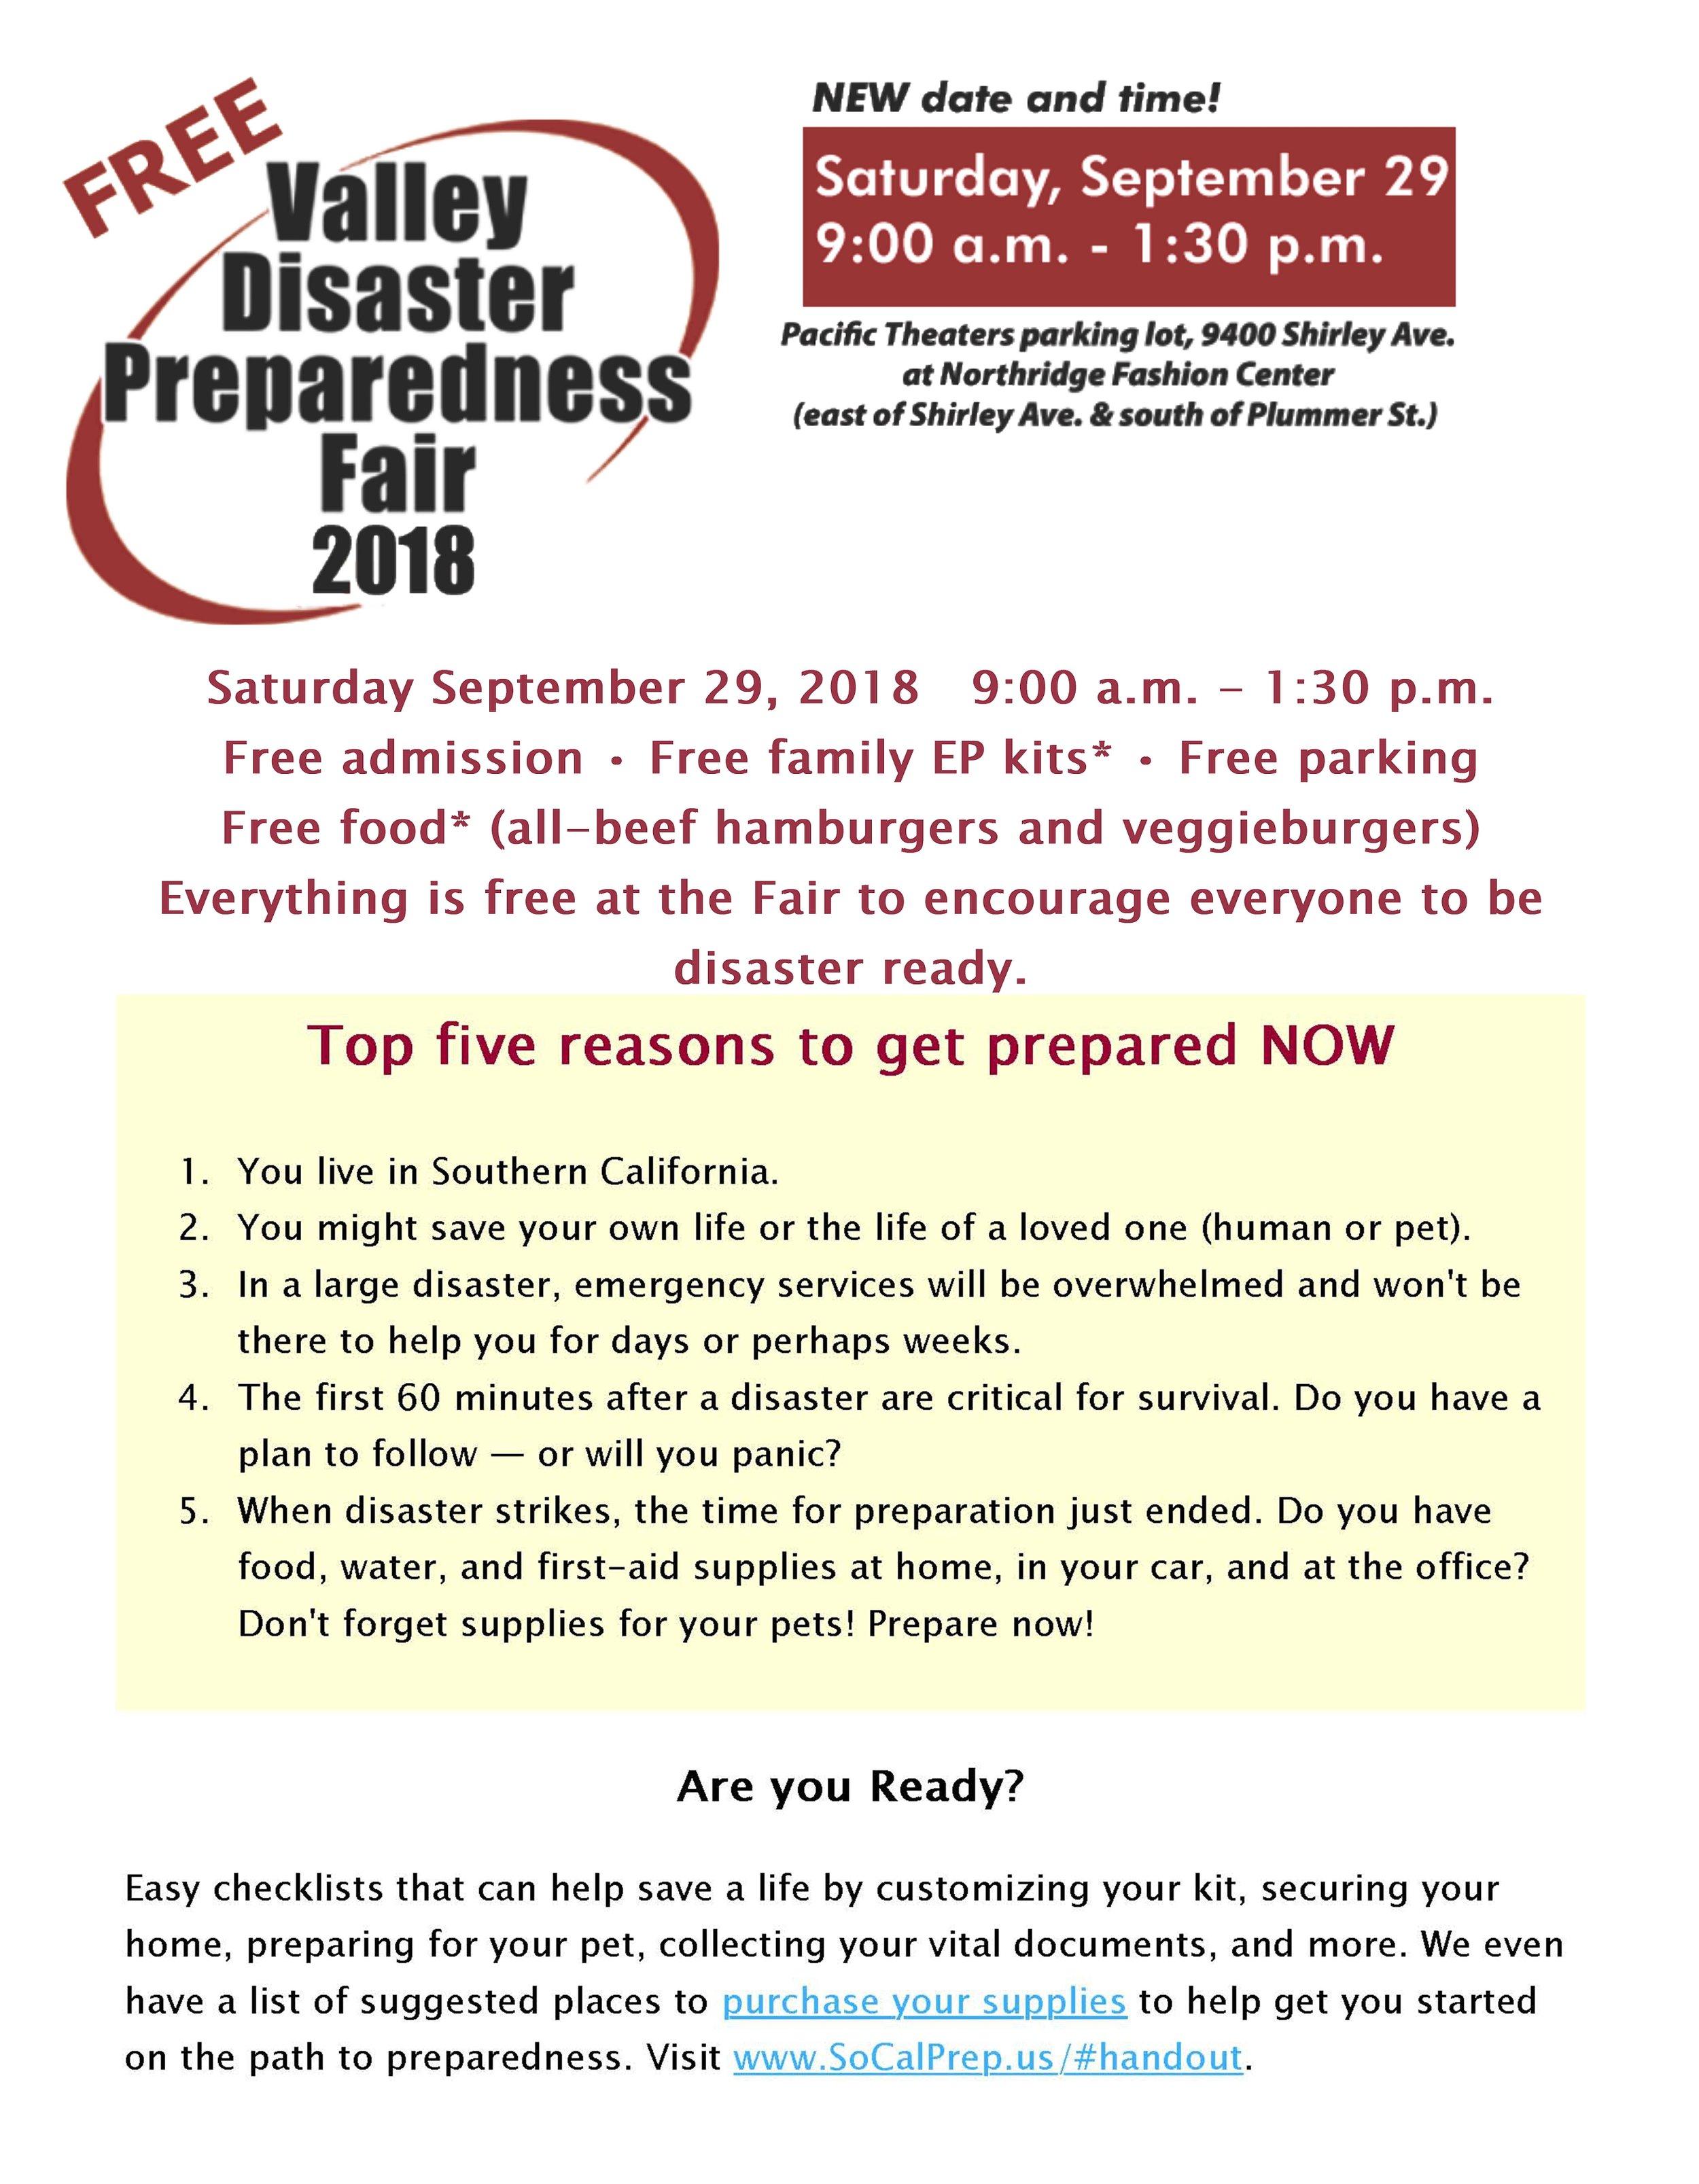 Valley Disaster Preparedness Fair.jpg